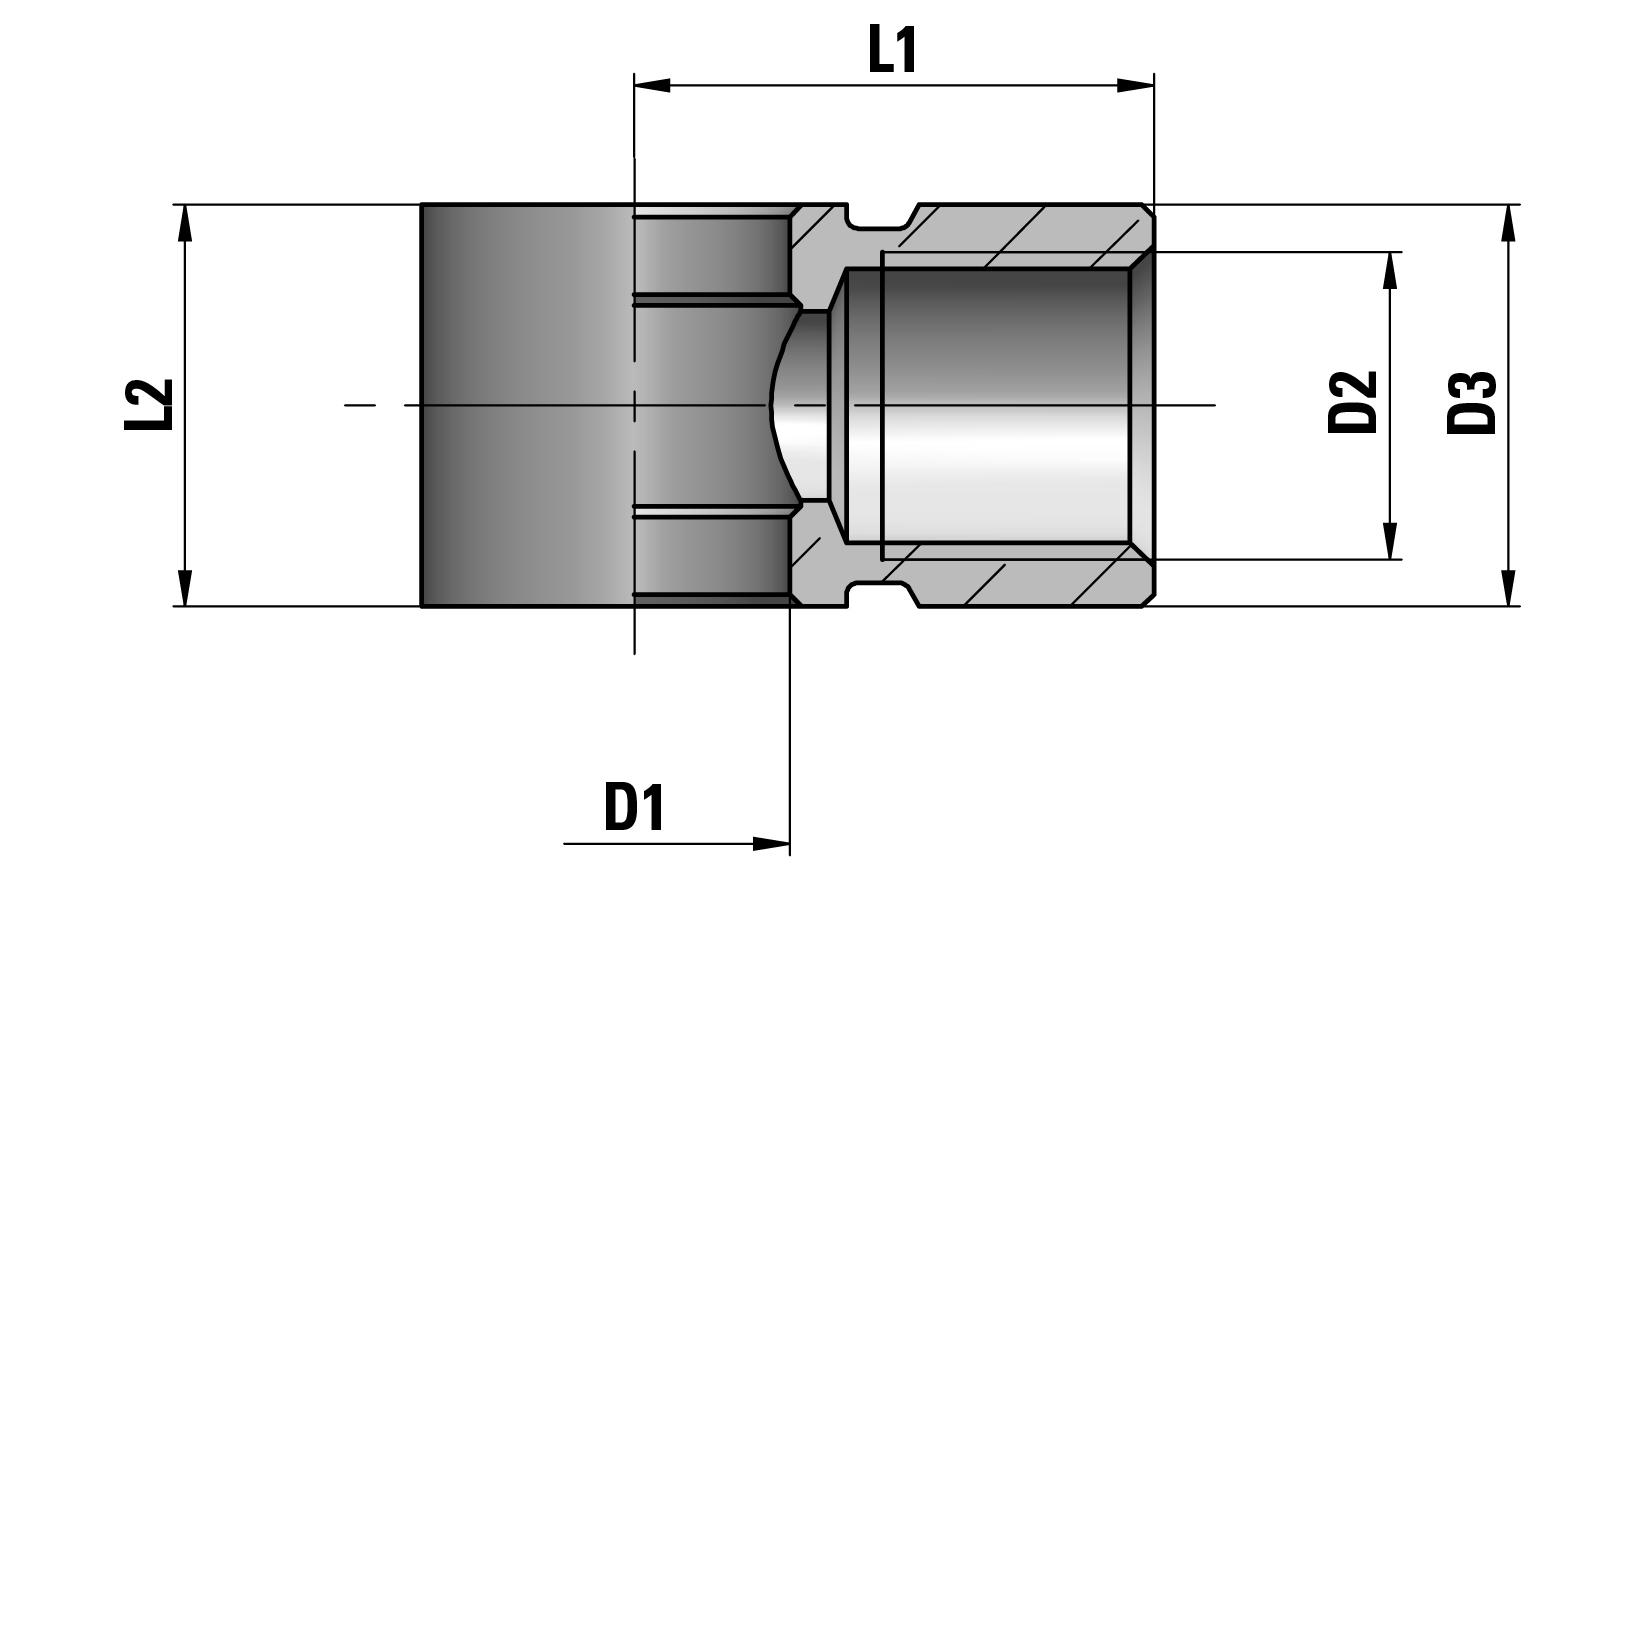 RA42 00 M5